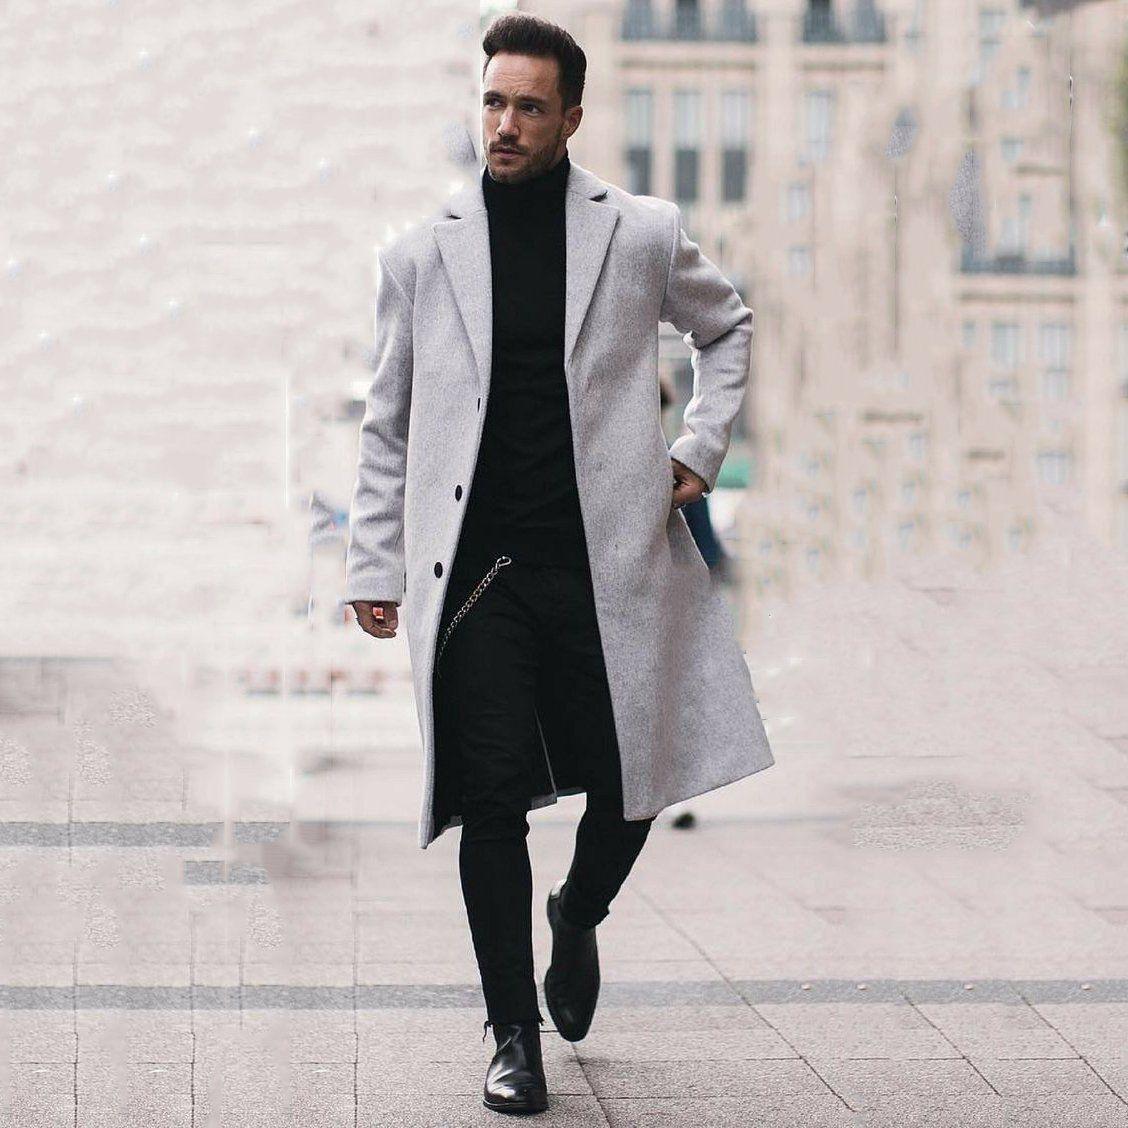 Business Fashion Slim Solid Color Button Lapel Long Sleeve Suit Men Outerwear #stylishmen